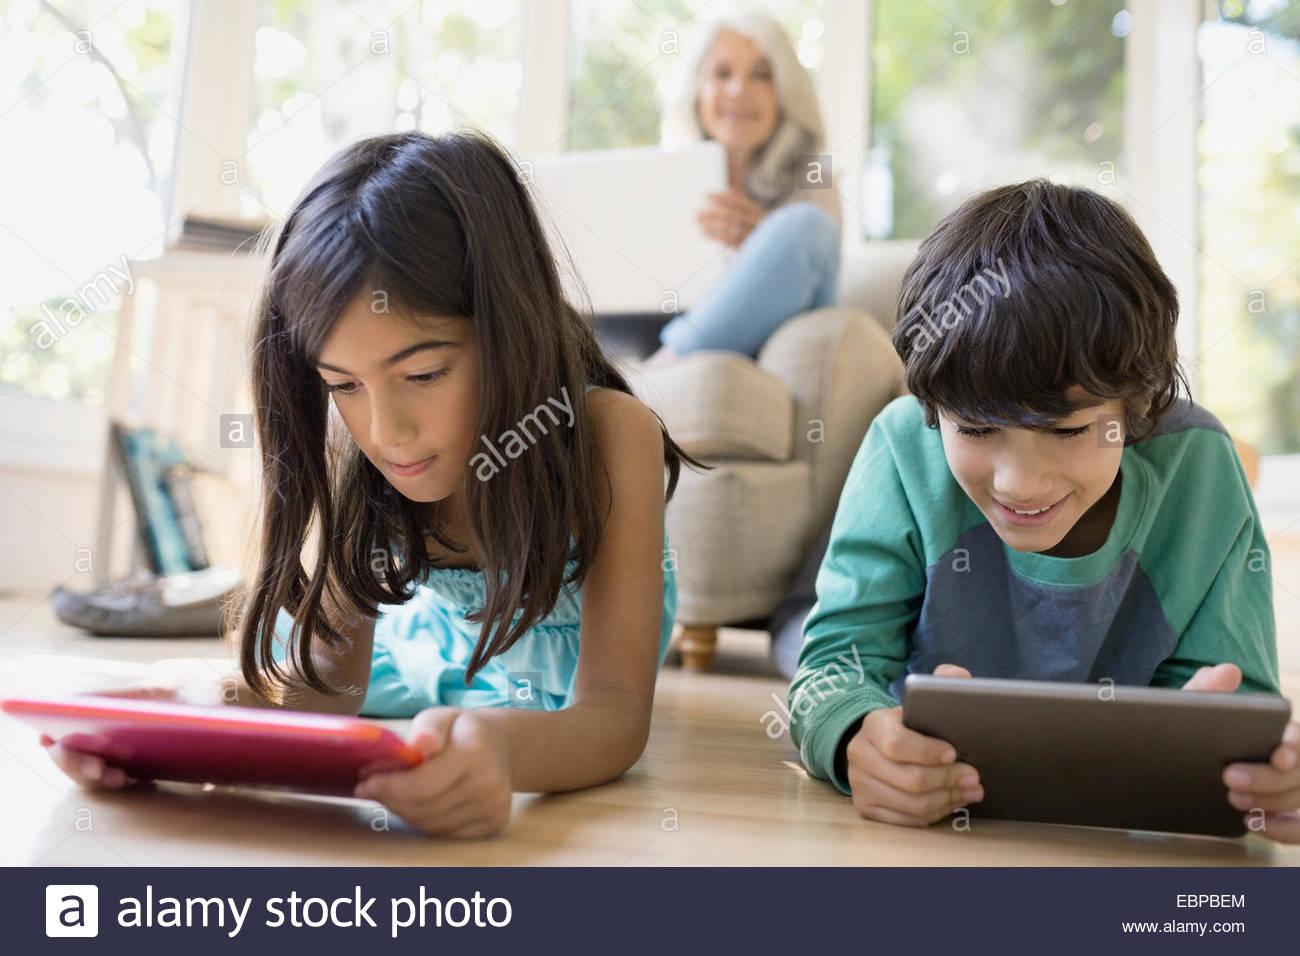 Abuela viendo nietos usar tabletas digitales Imagen De Stock